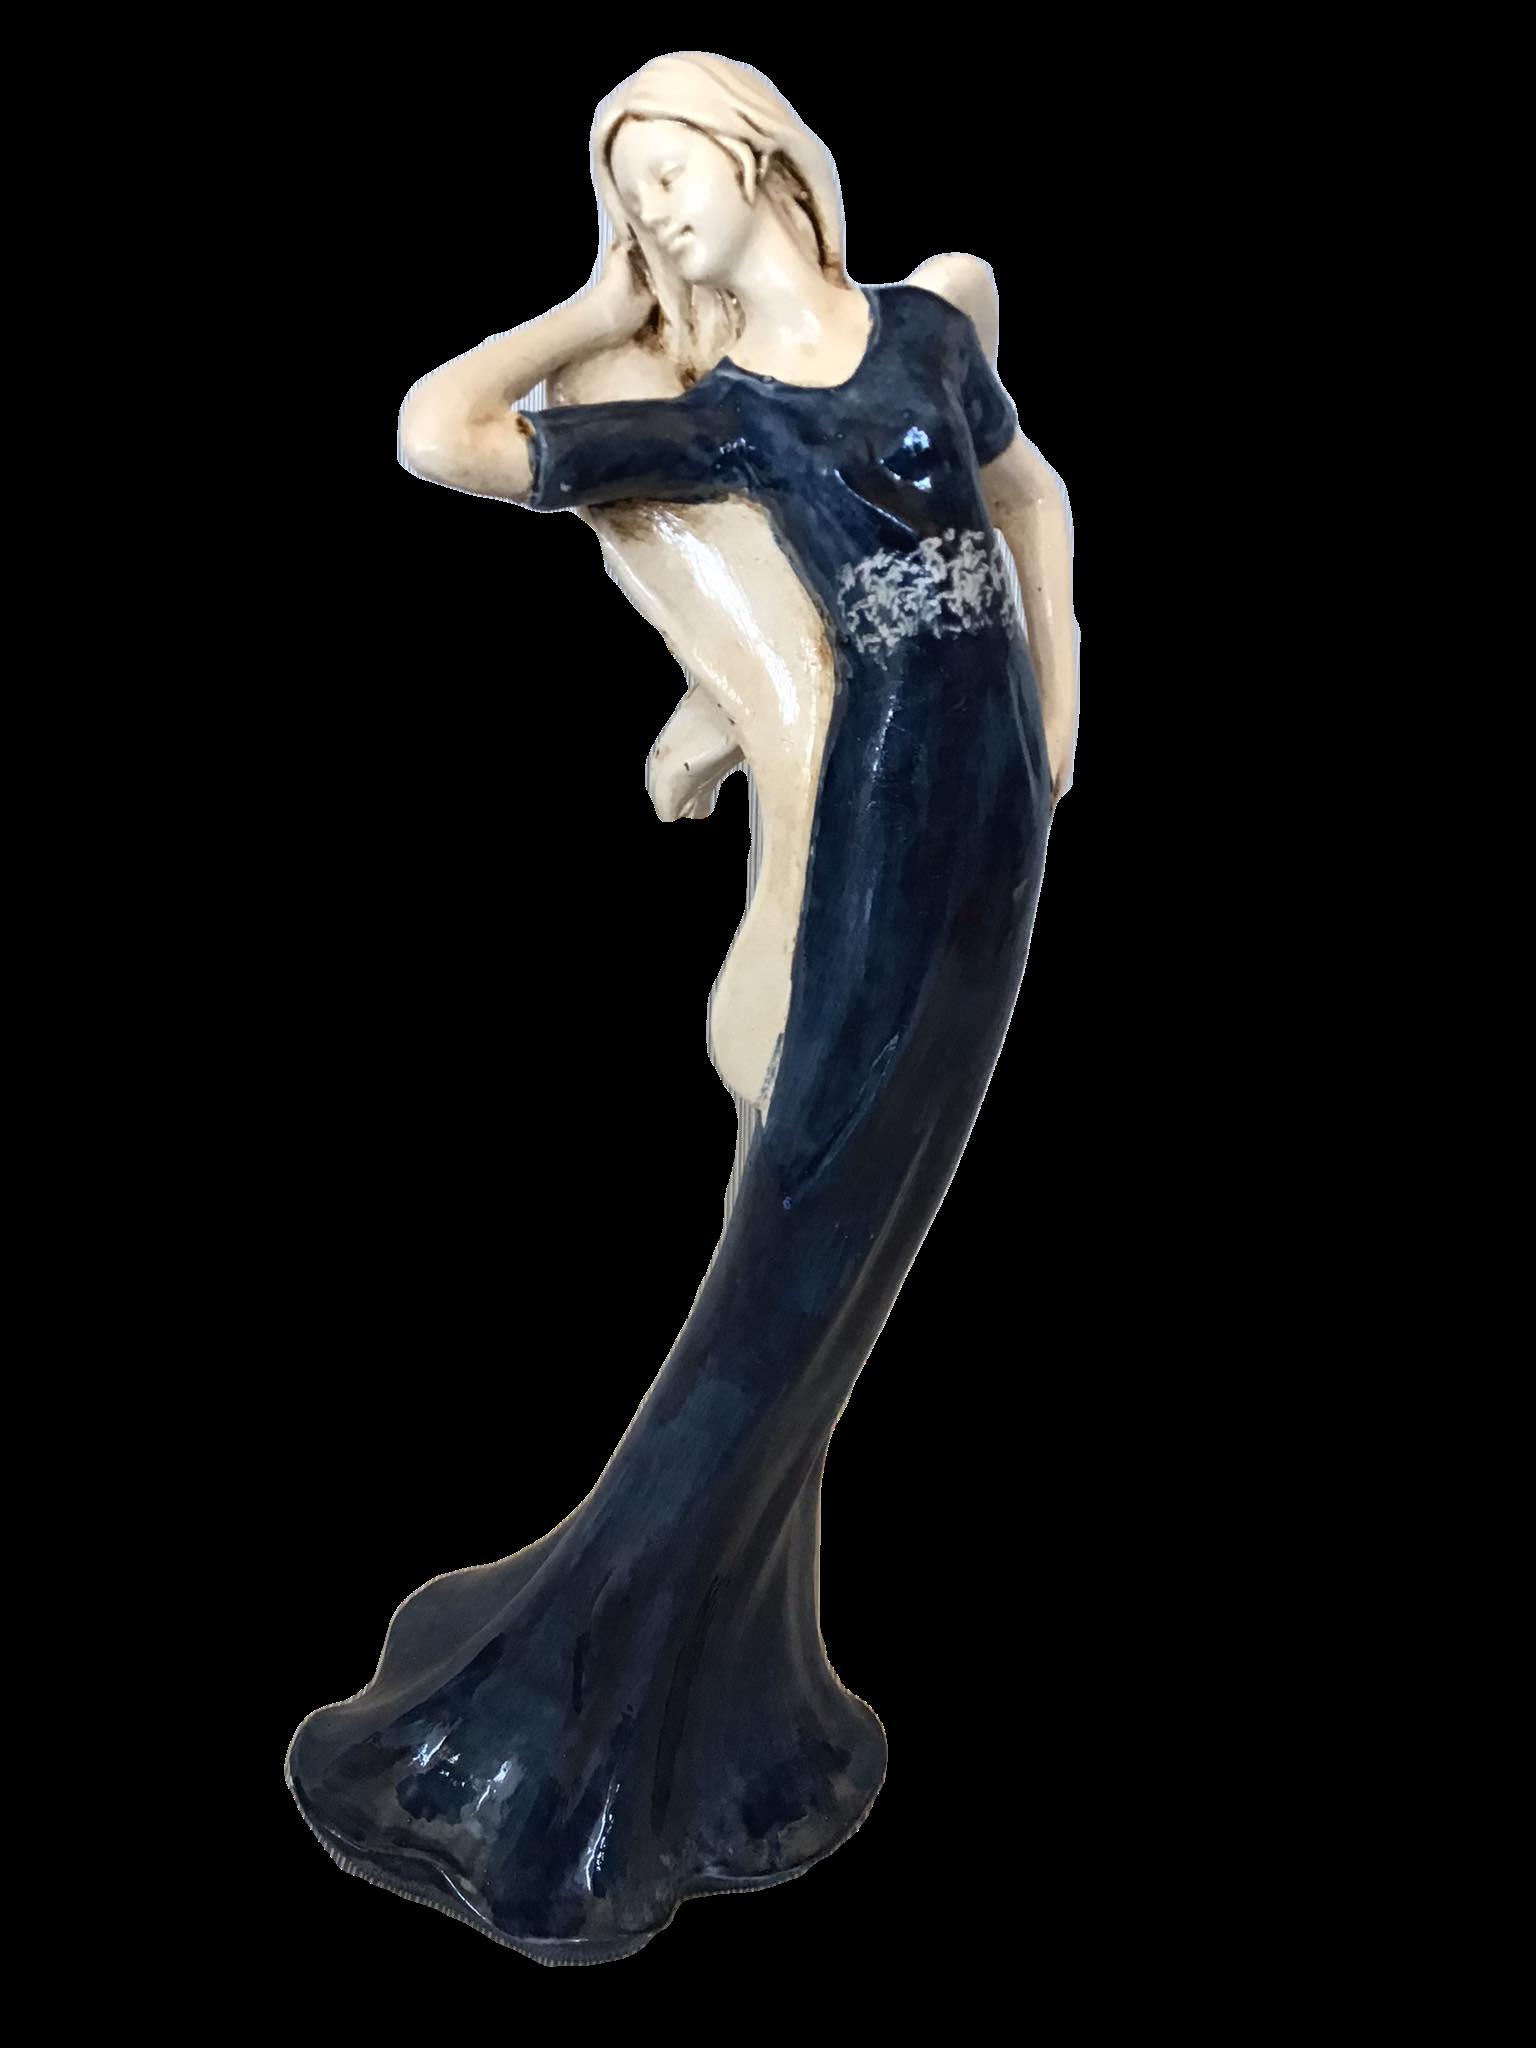 Anioł Somina5a